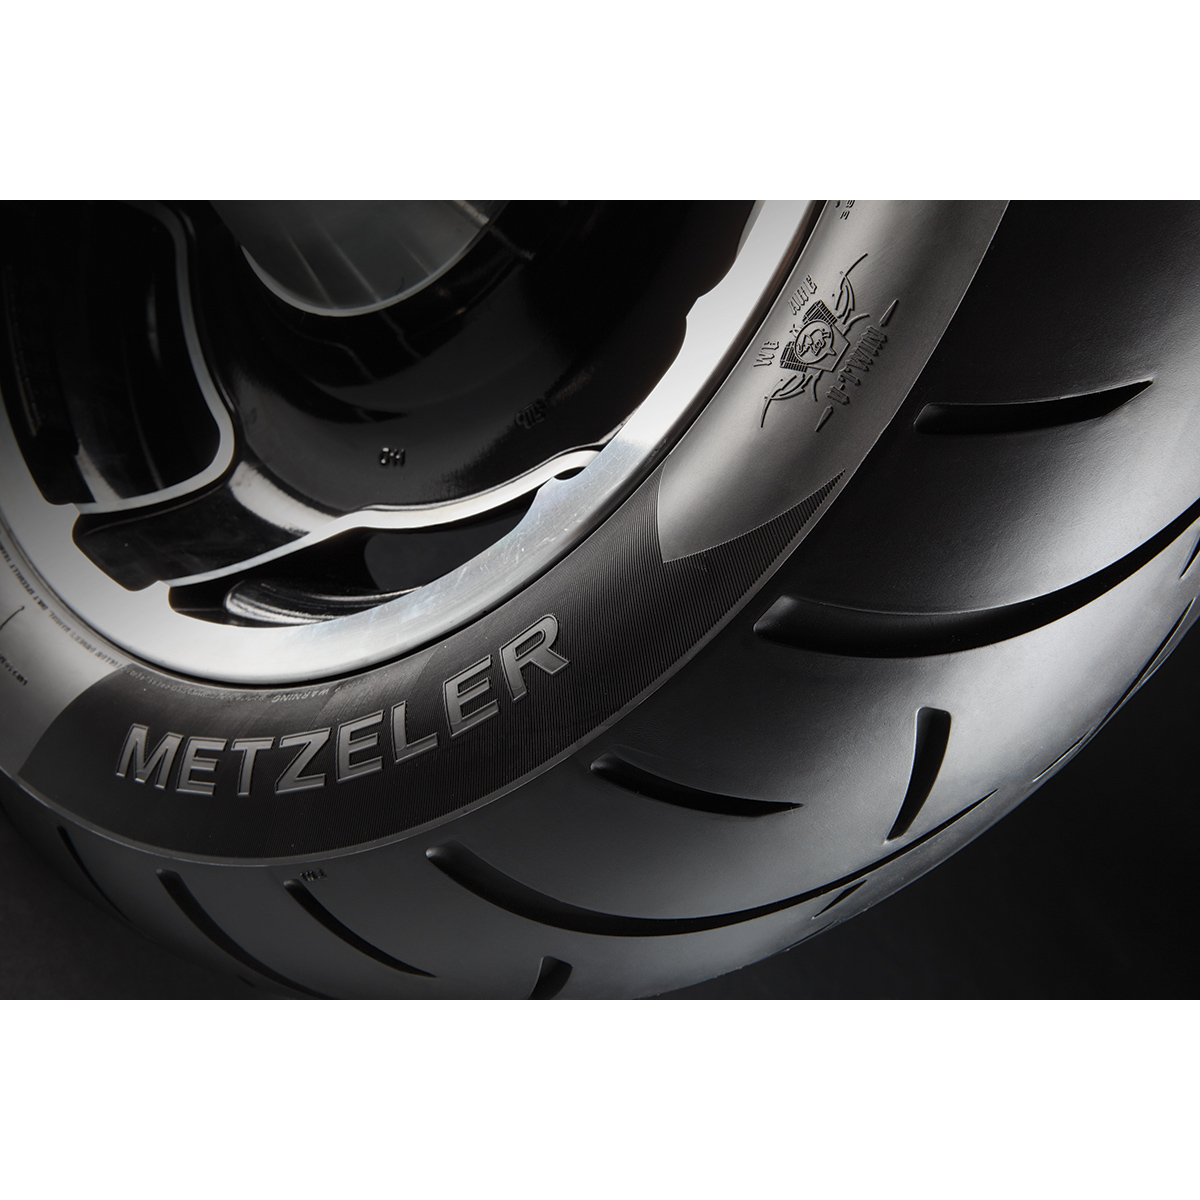 Salvage Kia Soul: Metzeler ME888 Marathon Ultra 130/90B16 Front Tire